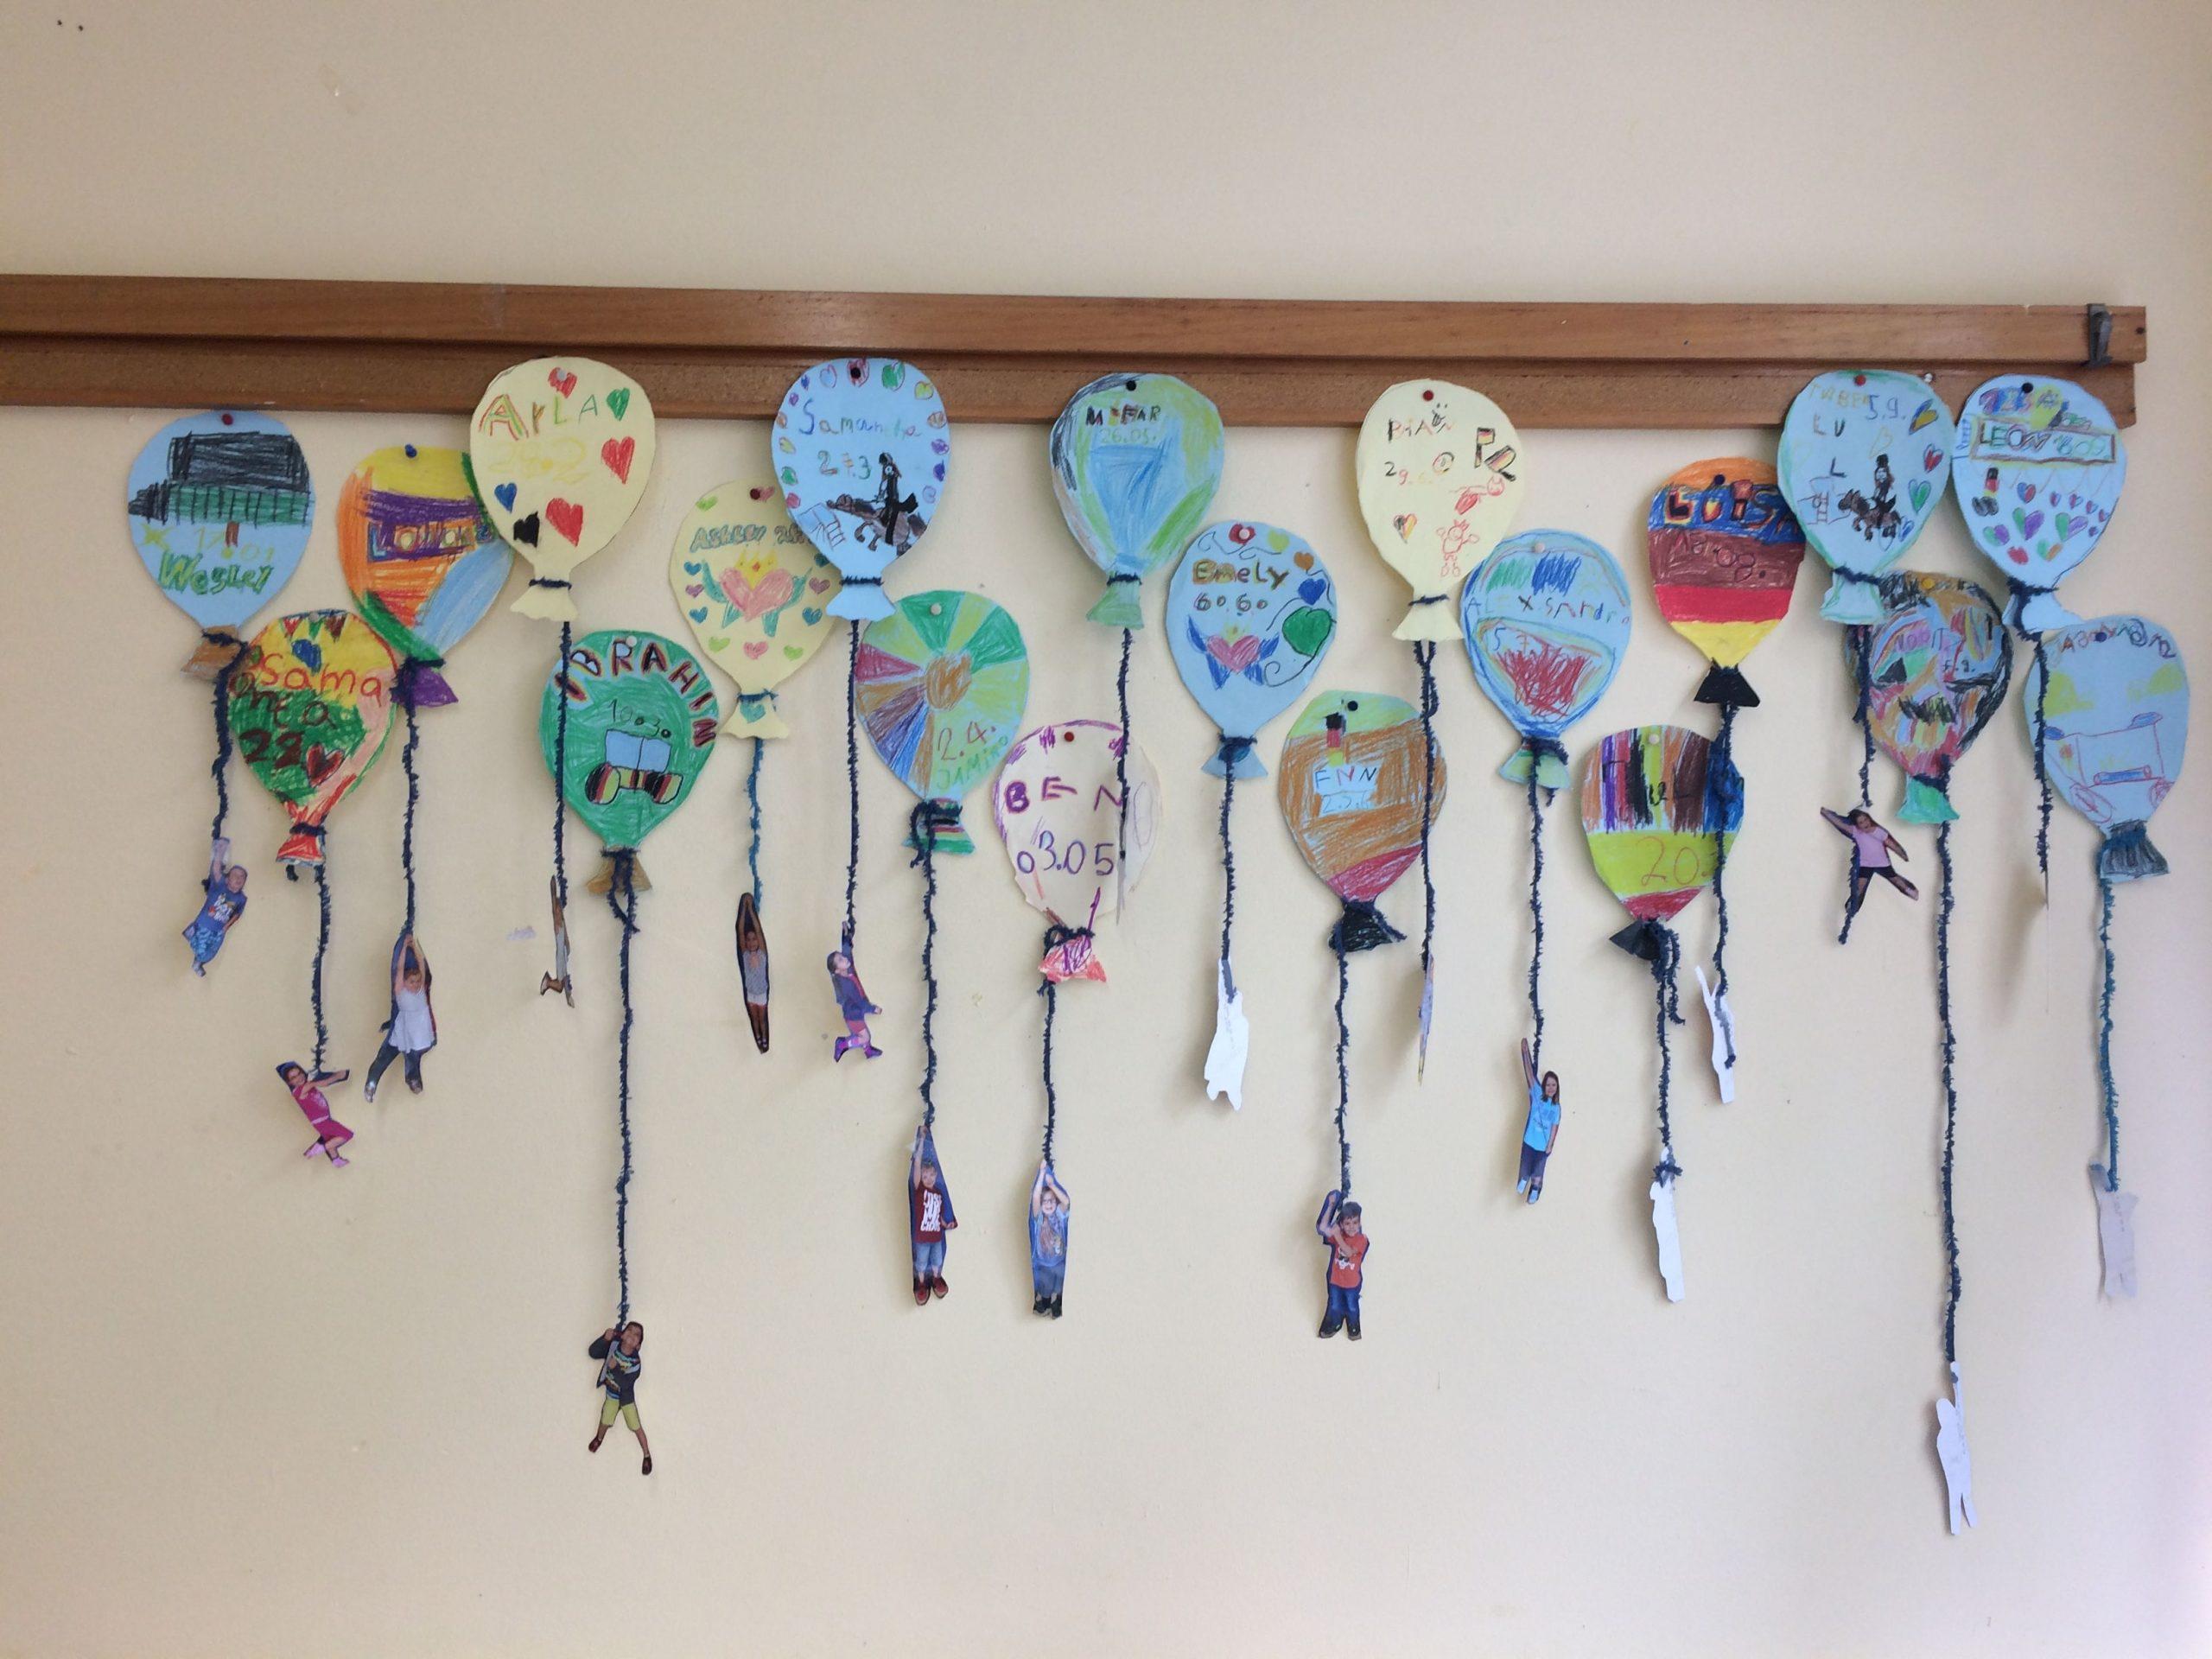 Schule - Geburtstagskalender - Ballons - Foto für Geburtstagskalender Zum Selber Basteln